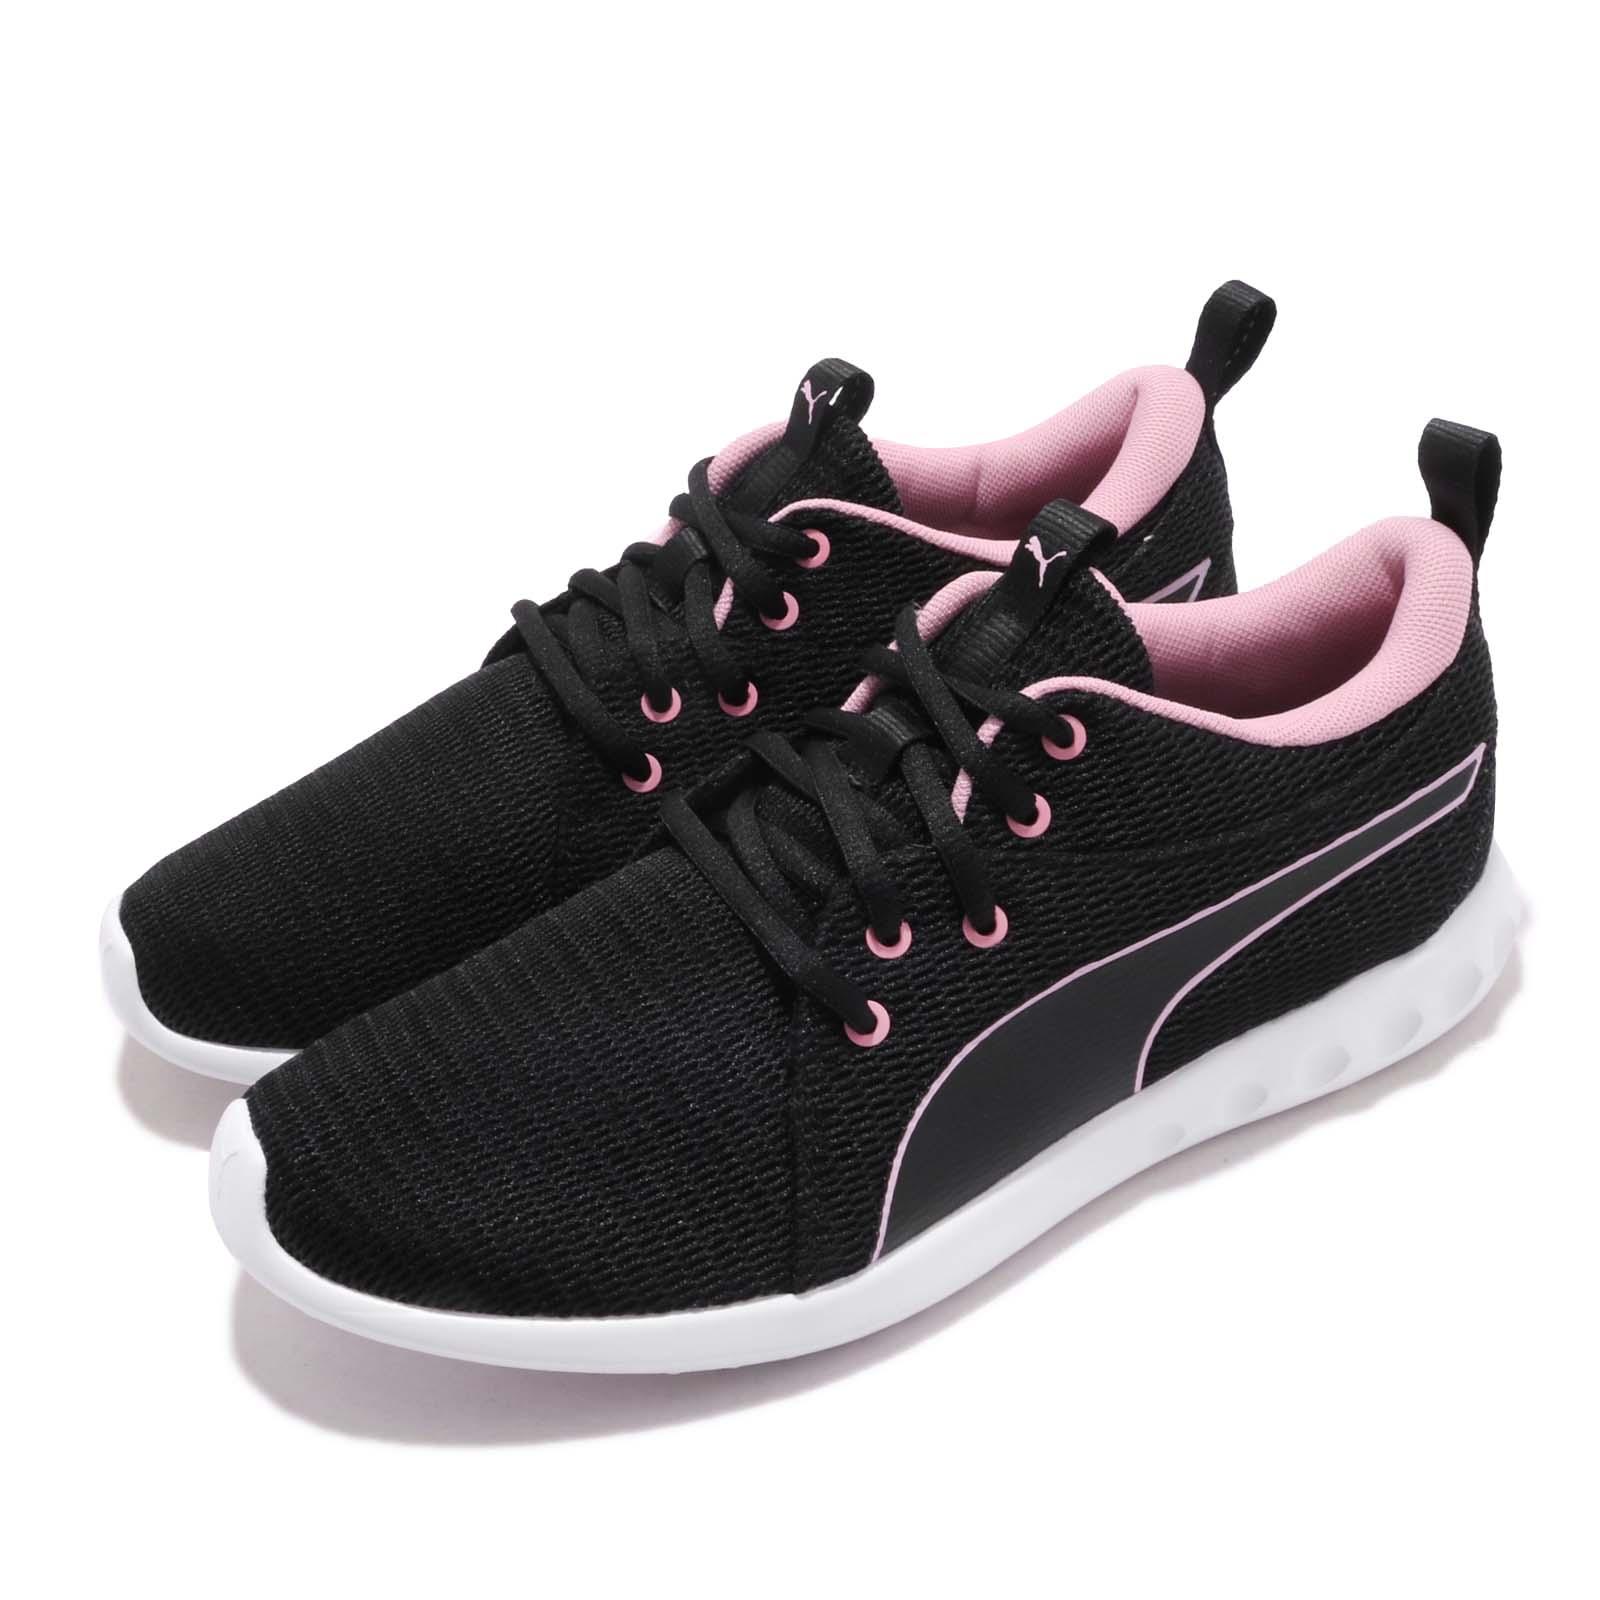 Puma 慢跑鞋 Carson 2 New Core 女鞋 19108305